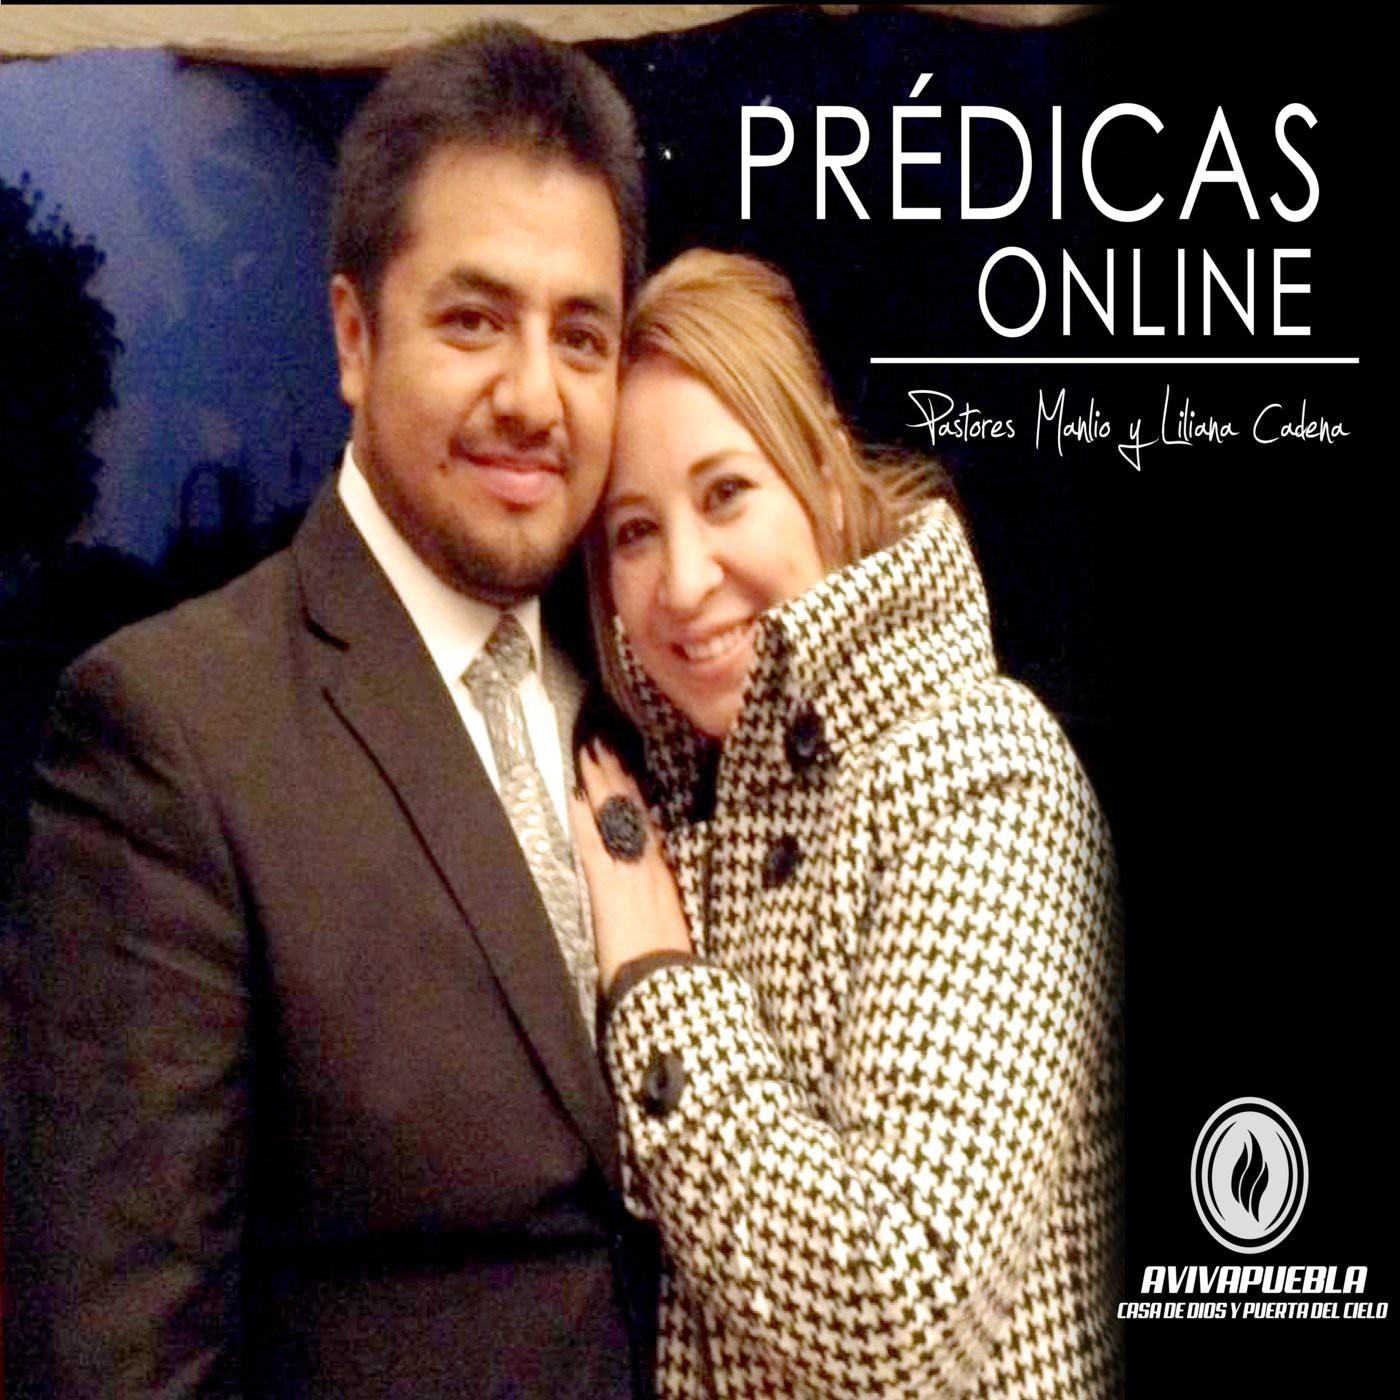 <![CDATA[Predicas AvivaPuebla - Pastores Manlio y Liliana ]]>